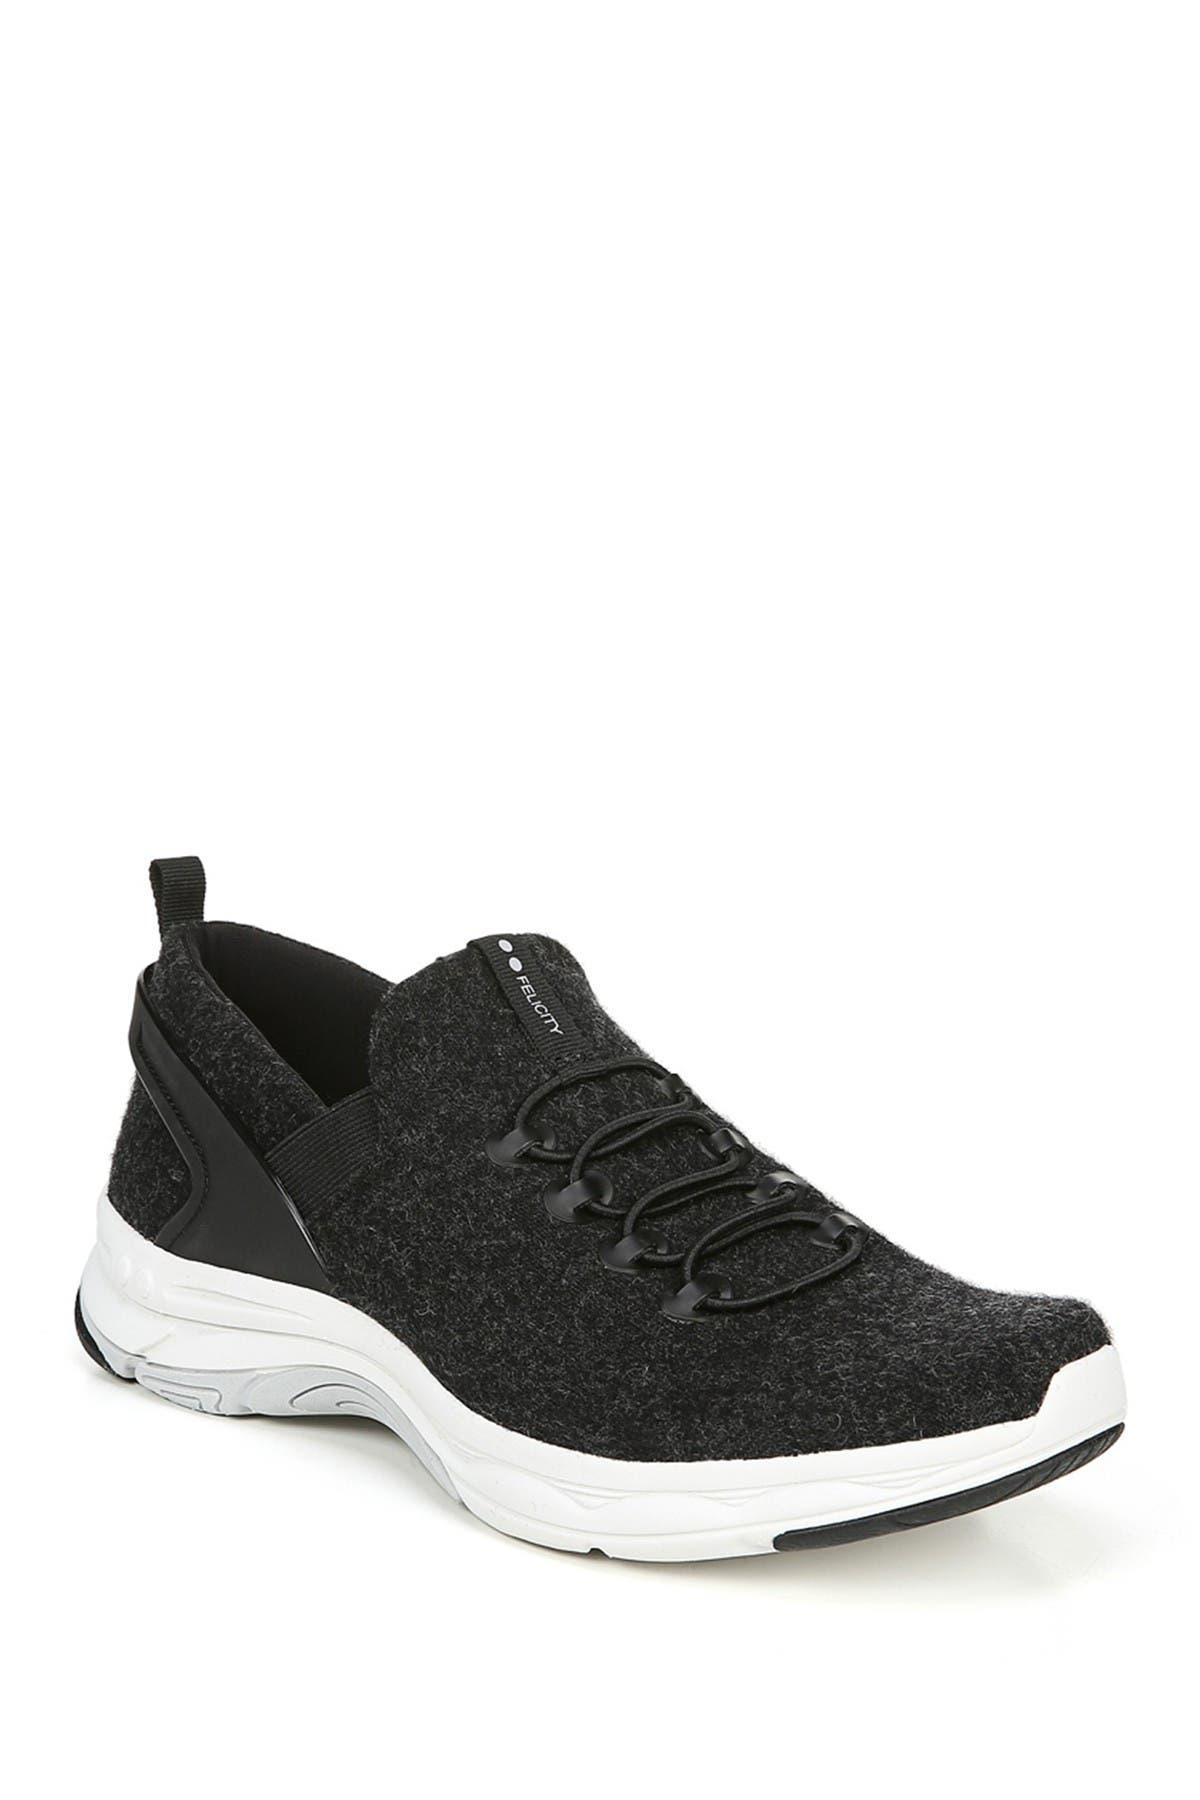 Ryka   Felicity Walking Shoe - Wide